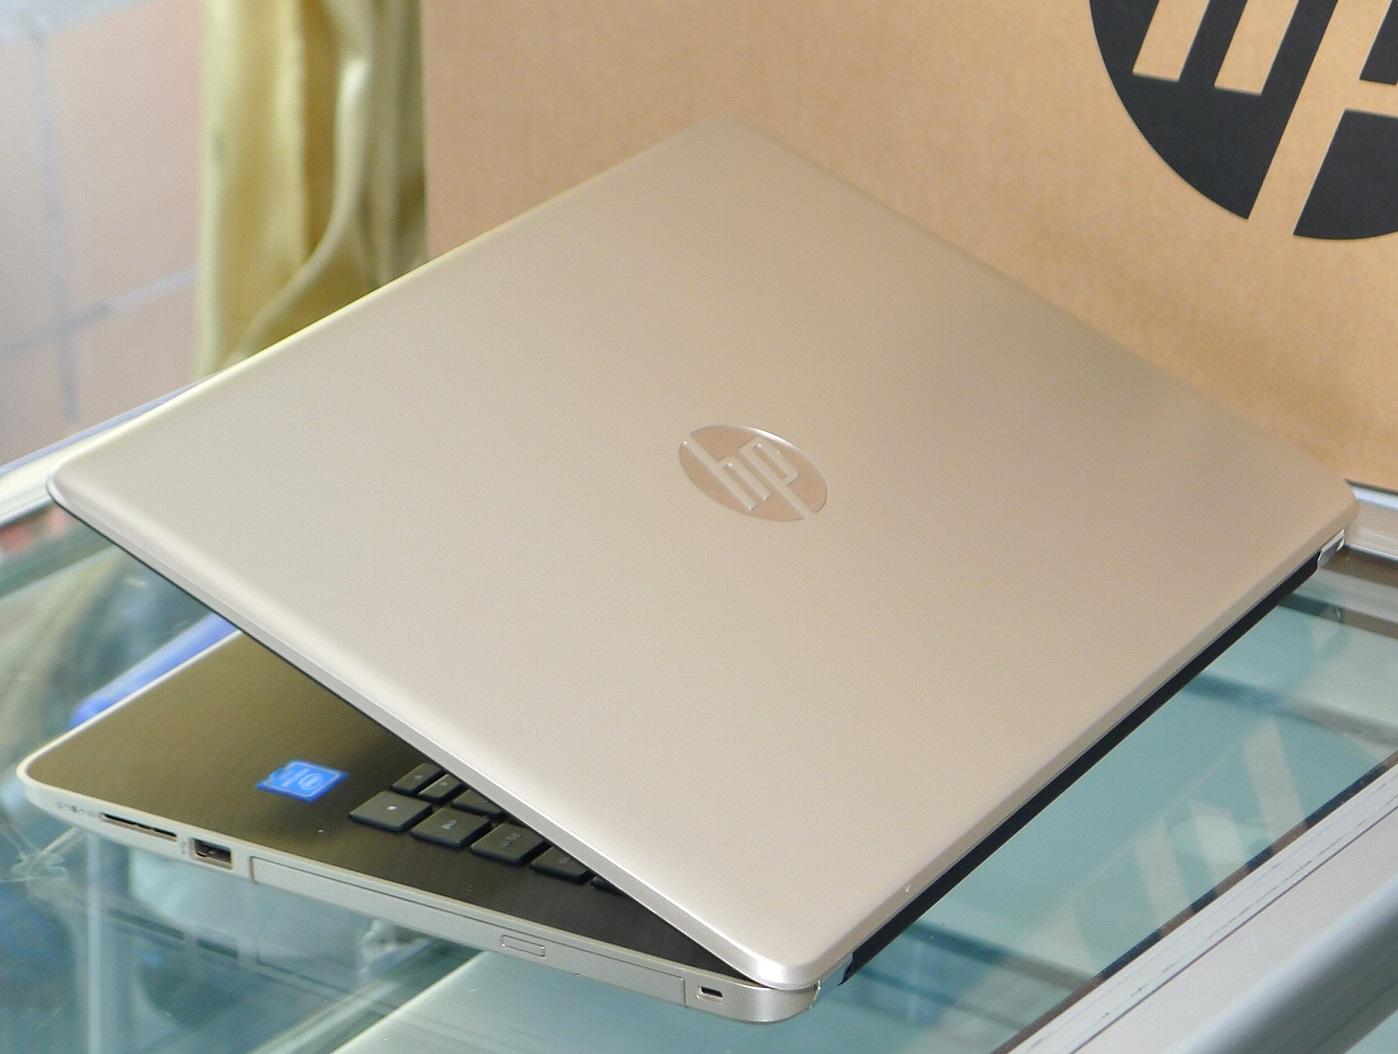 Hp Notebook 14 Bs009tu Daftar Harga Terkini Dan Terlengkap Indonesia Laptop Bw011au Jual Intel Pentium Bekas Fullset